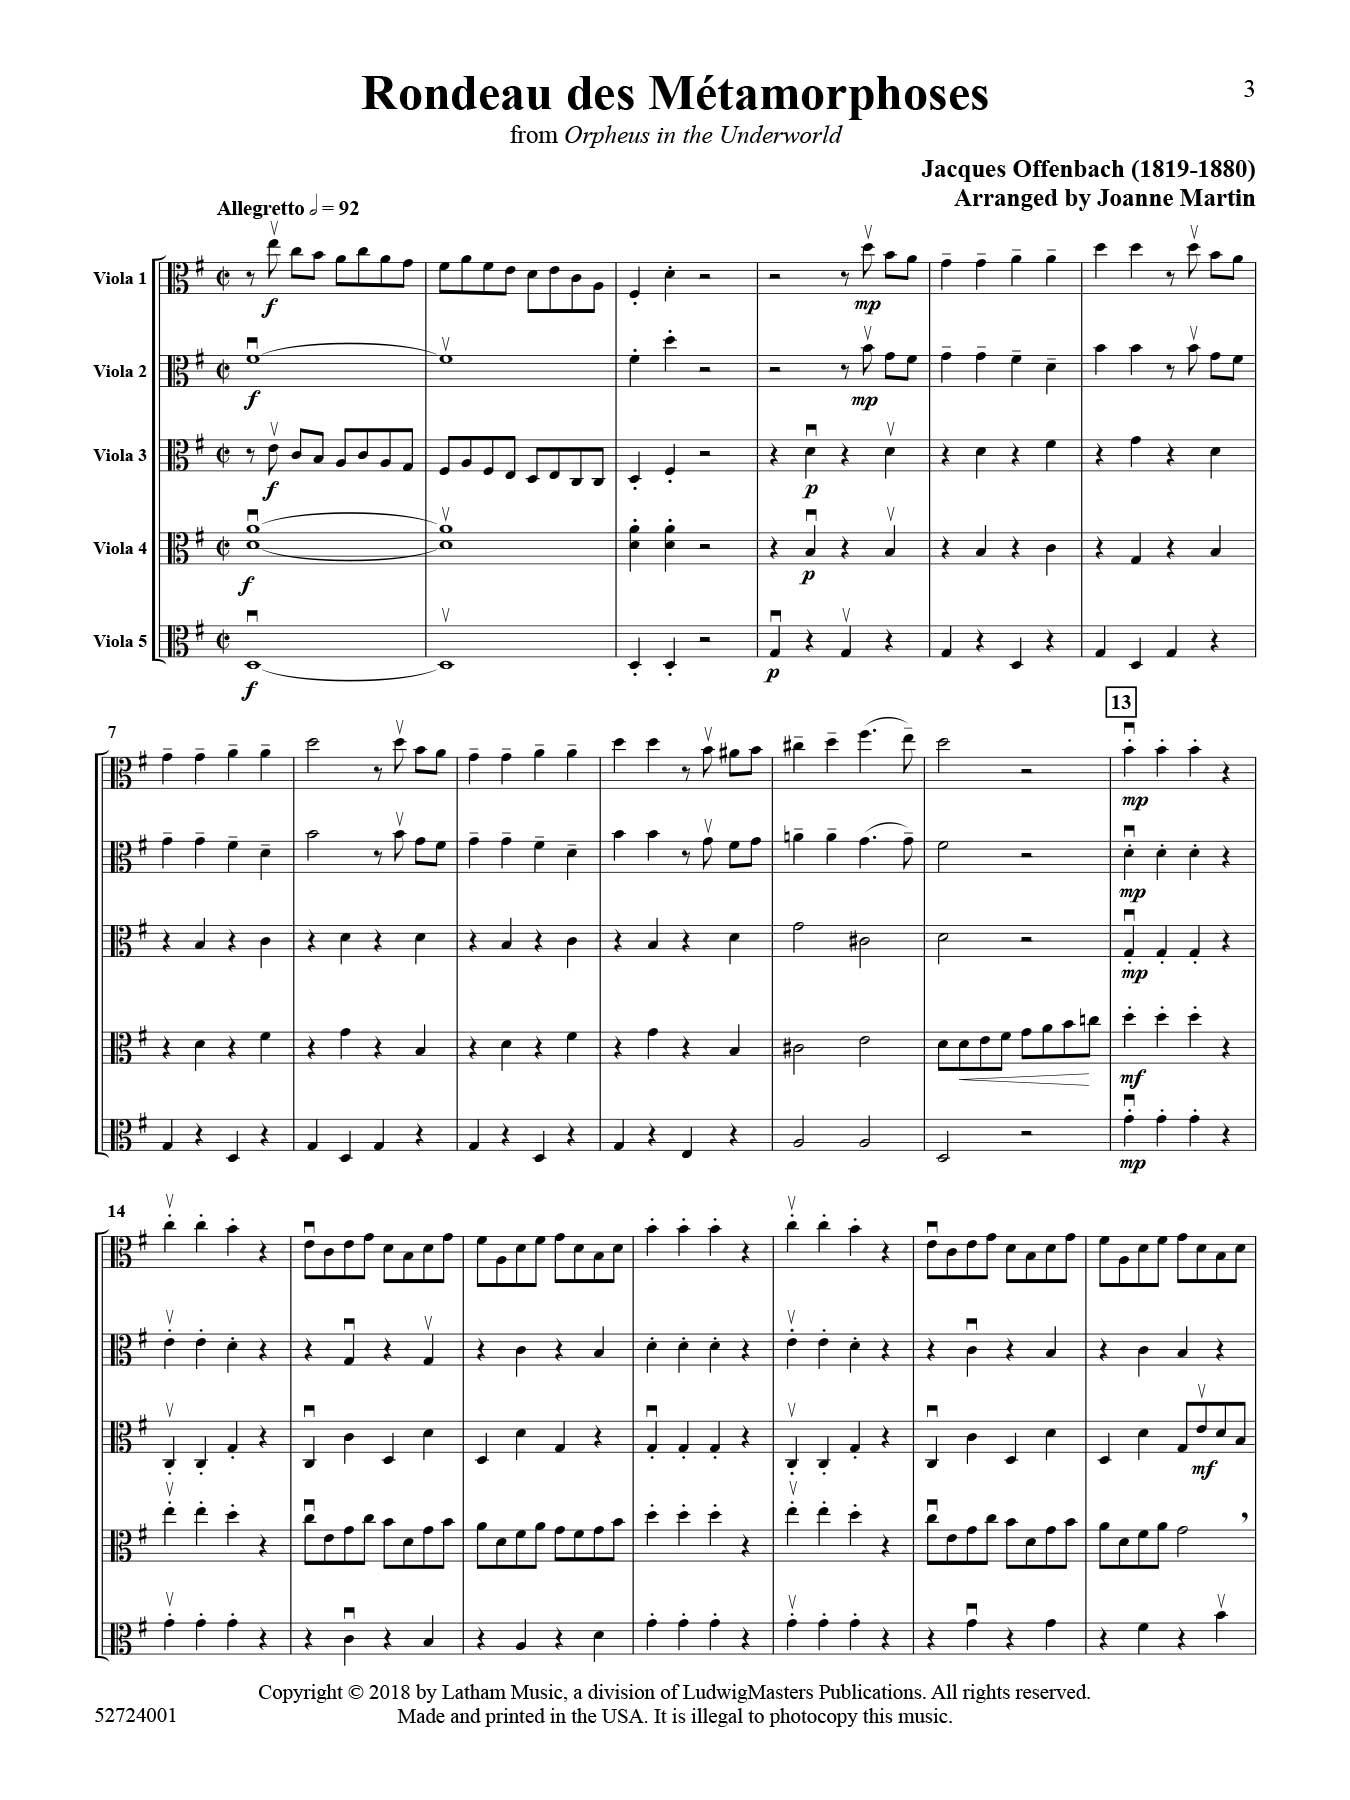 rondeau-des-metamorphoses-cancan-viola-quintet-score.jpg